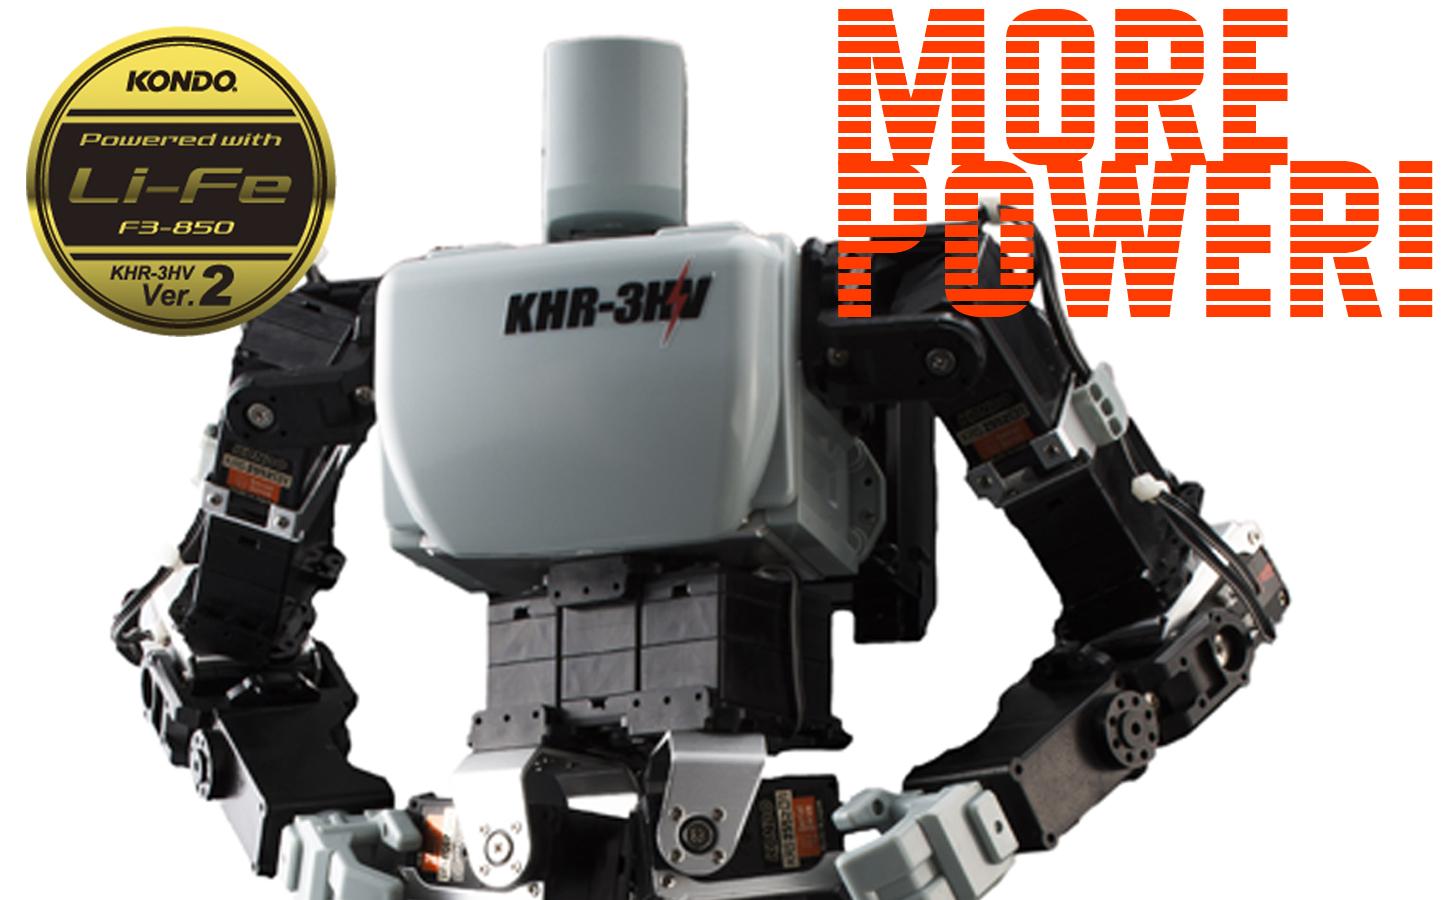 KHR-3HV Ver.2 リフェバッテリー付きセット